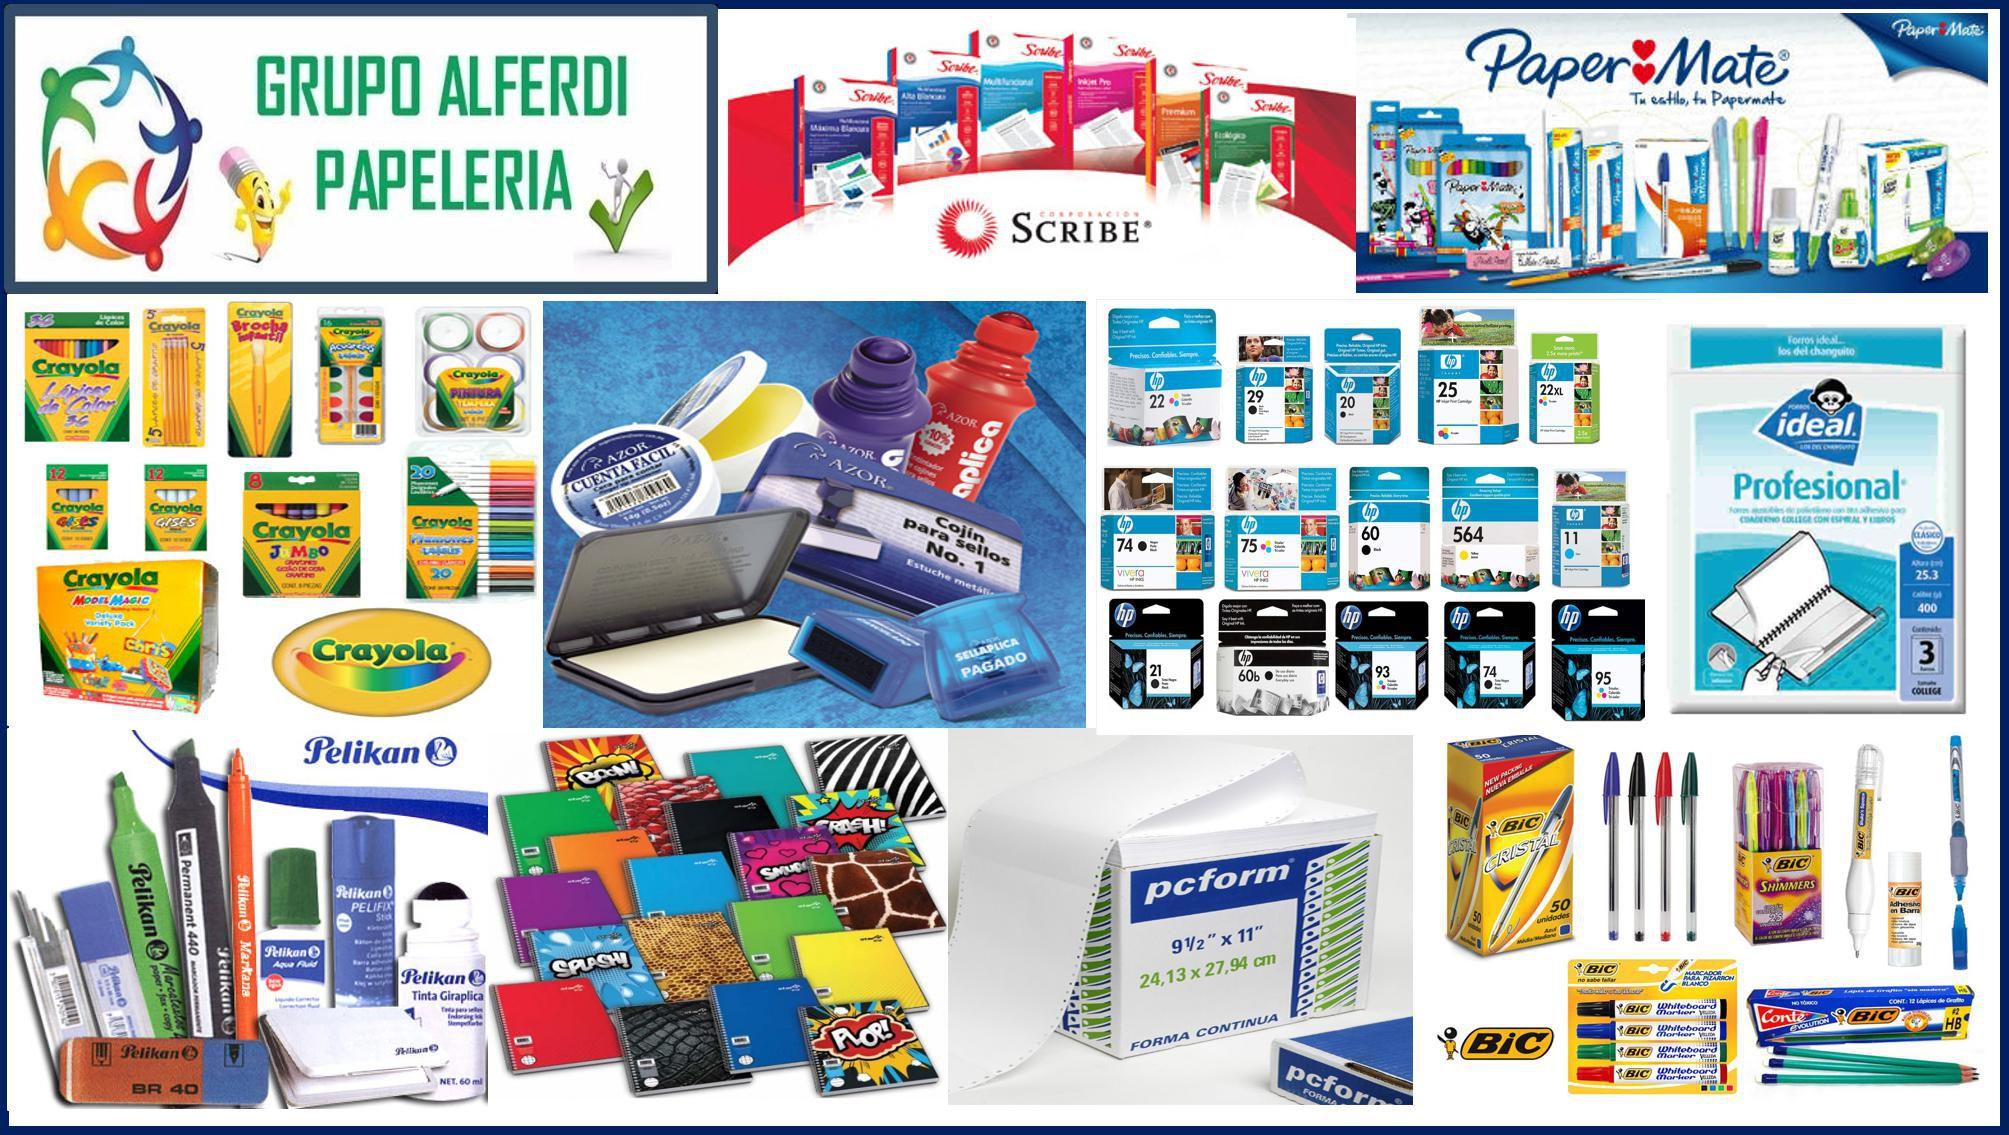 Grupo alferdi papeler a cuadernos y libretas blocks carpetas accesorios art culos - Papeleria de oficina ...